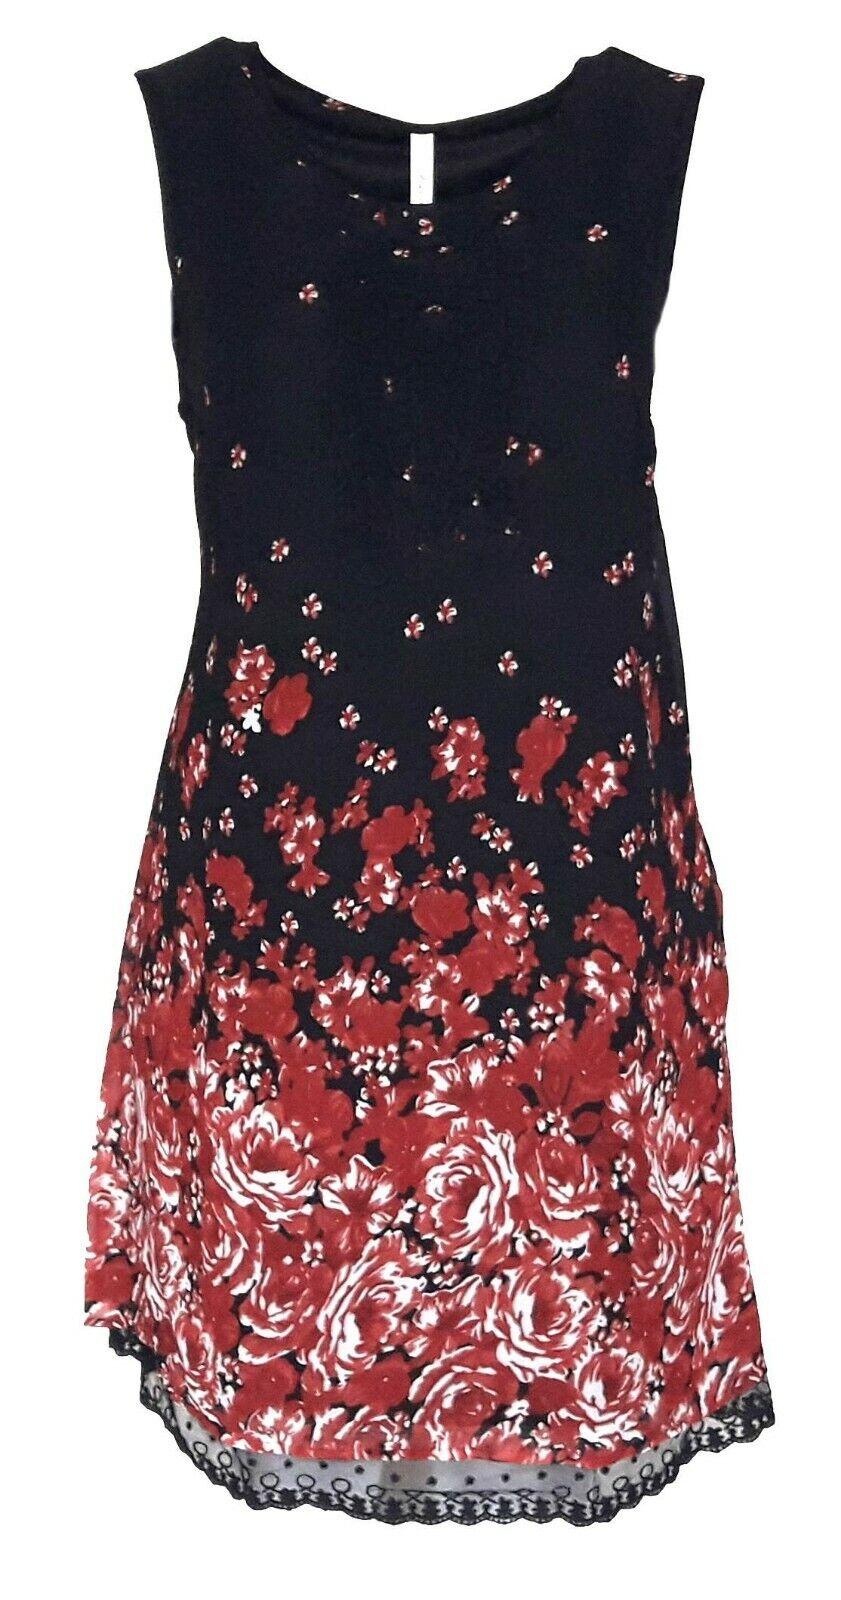 SHEEGO Damen Chiffon Kleid schwarz Blumen GR. 40 42 44 46 48 50 52 NEU - K136